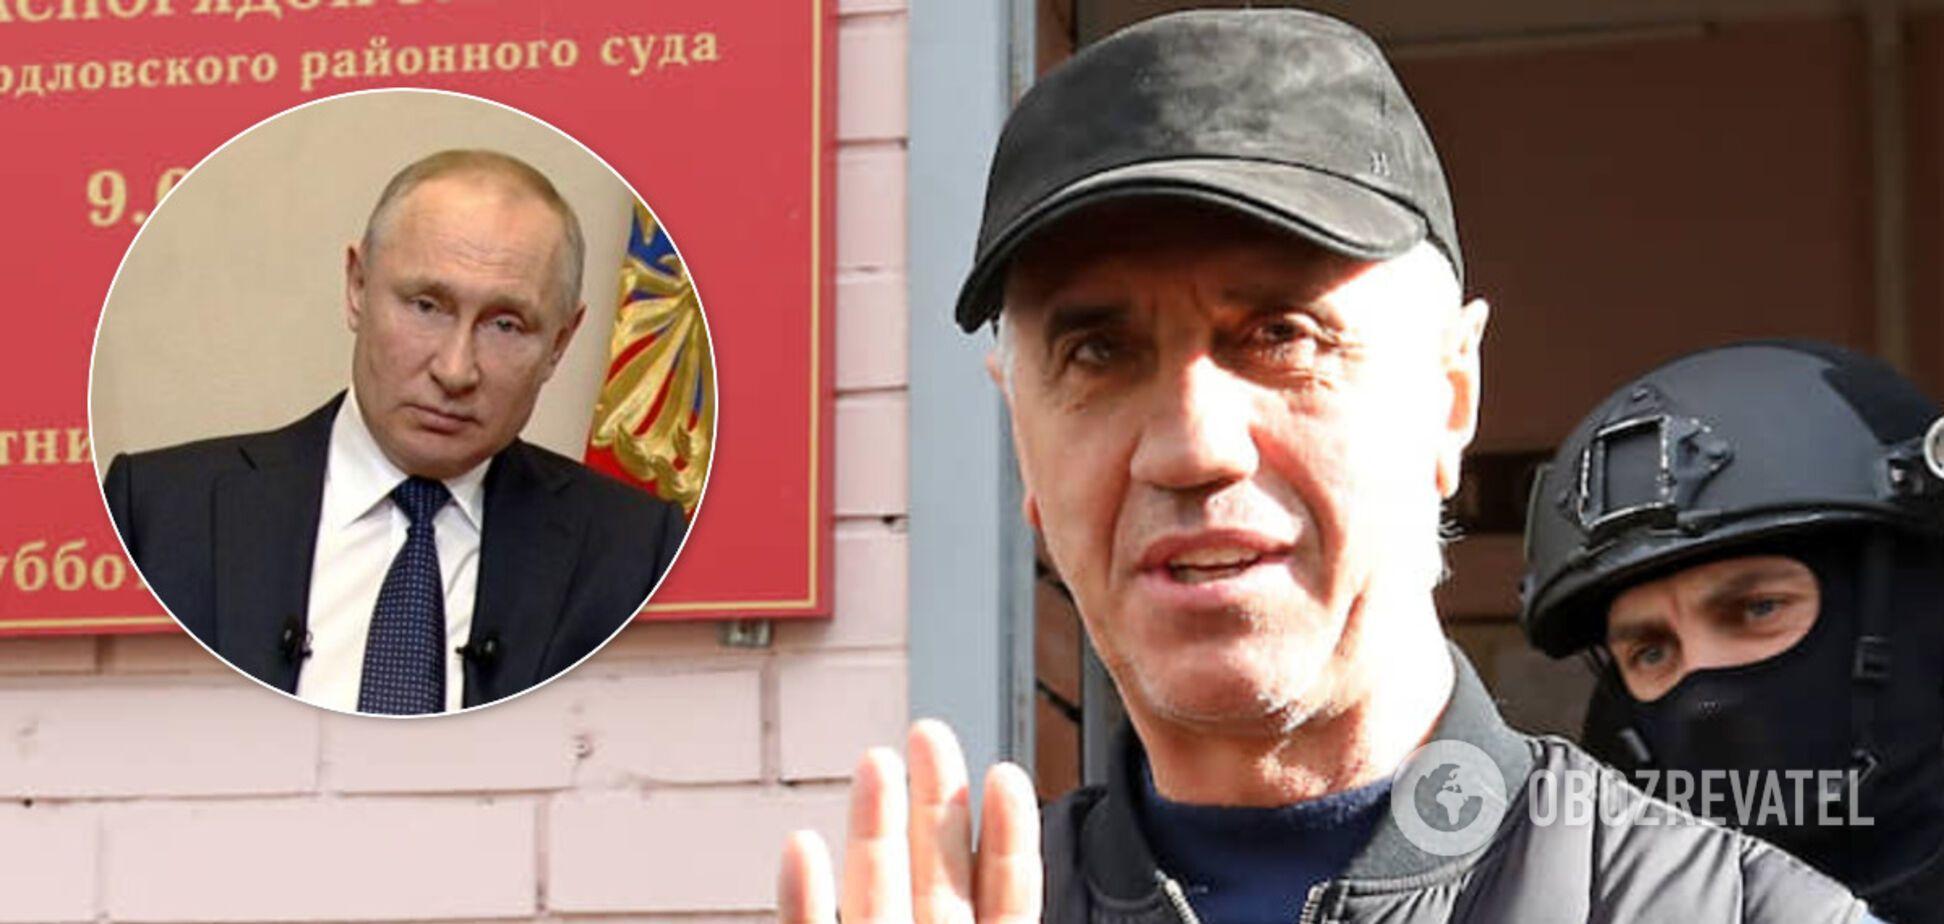 Красноярский бизнесмен из СИЗО написал смелое письмо Путину: Россия у пропасти! Народ не верит власти!